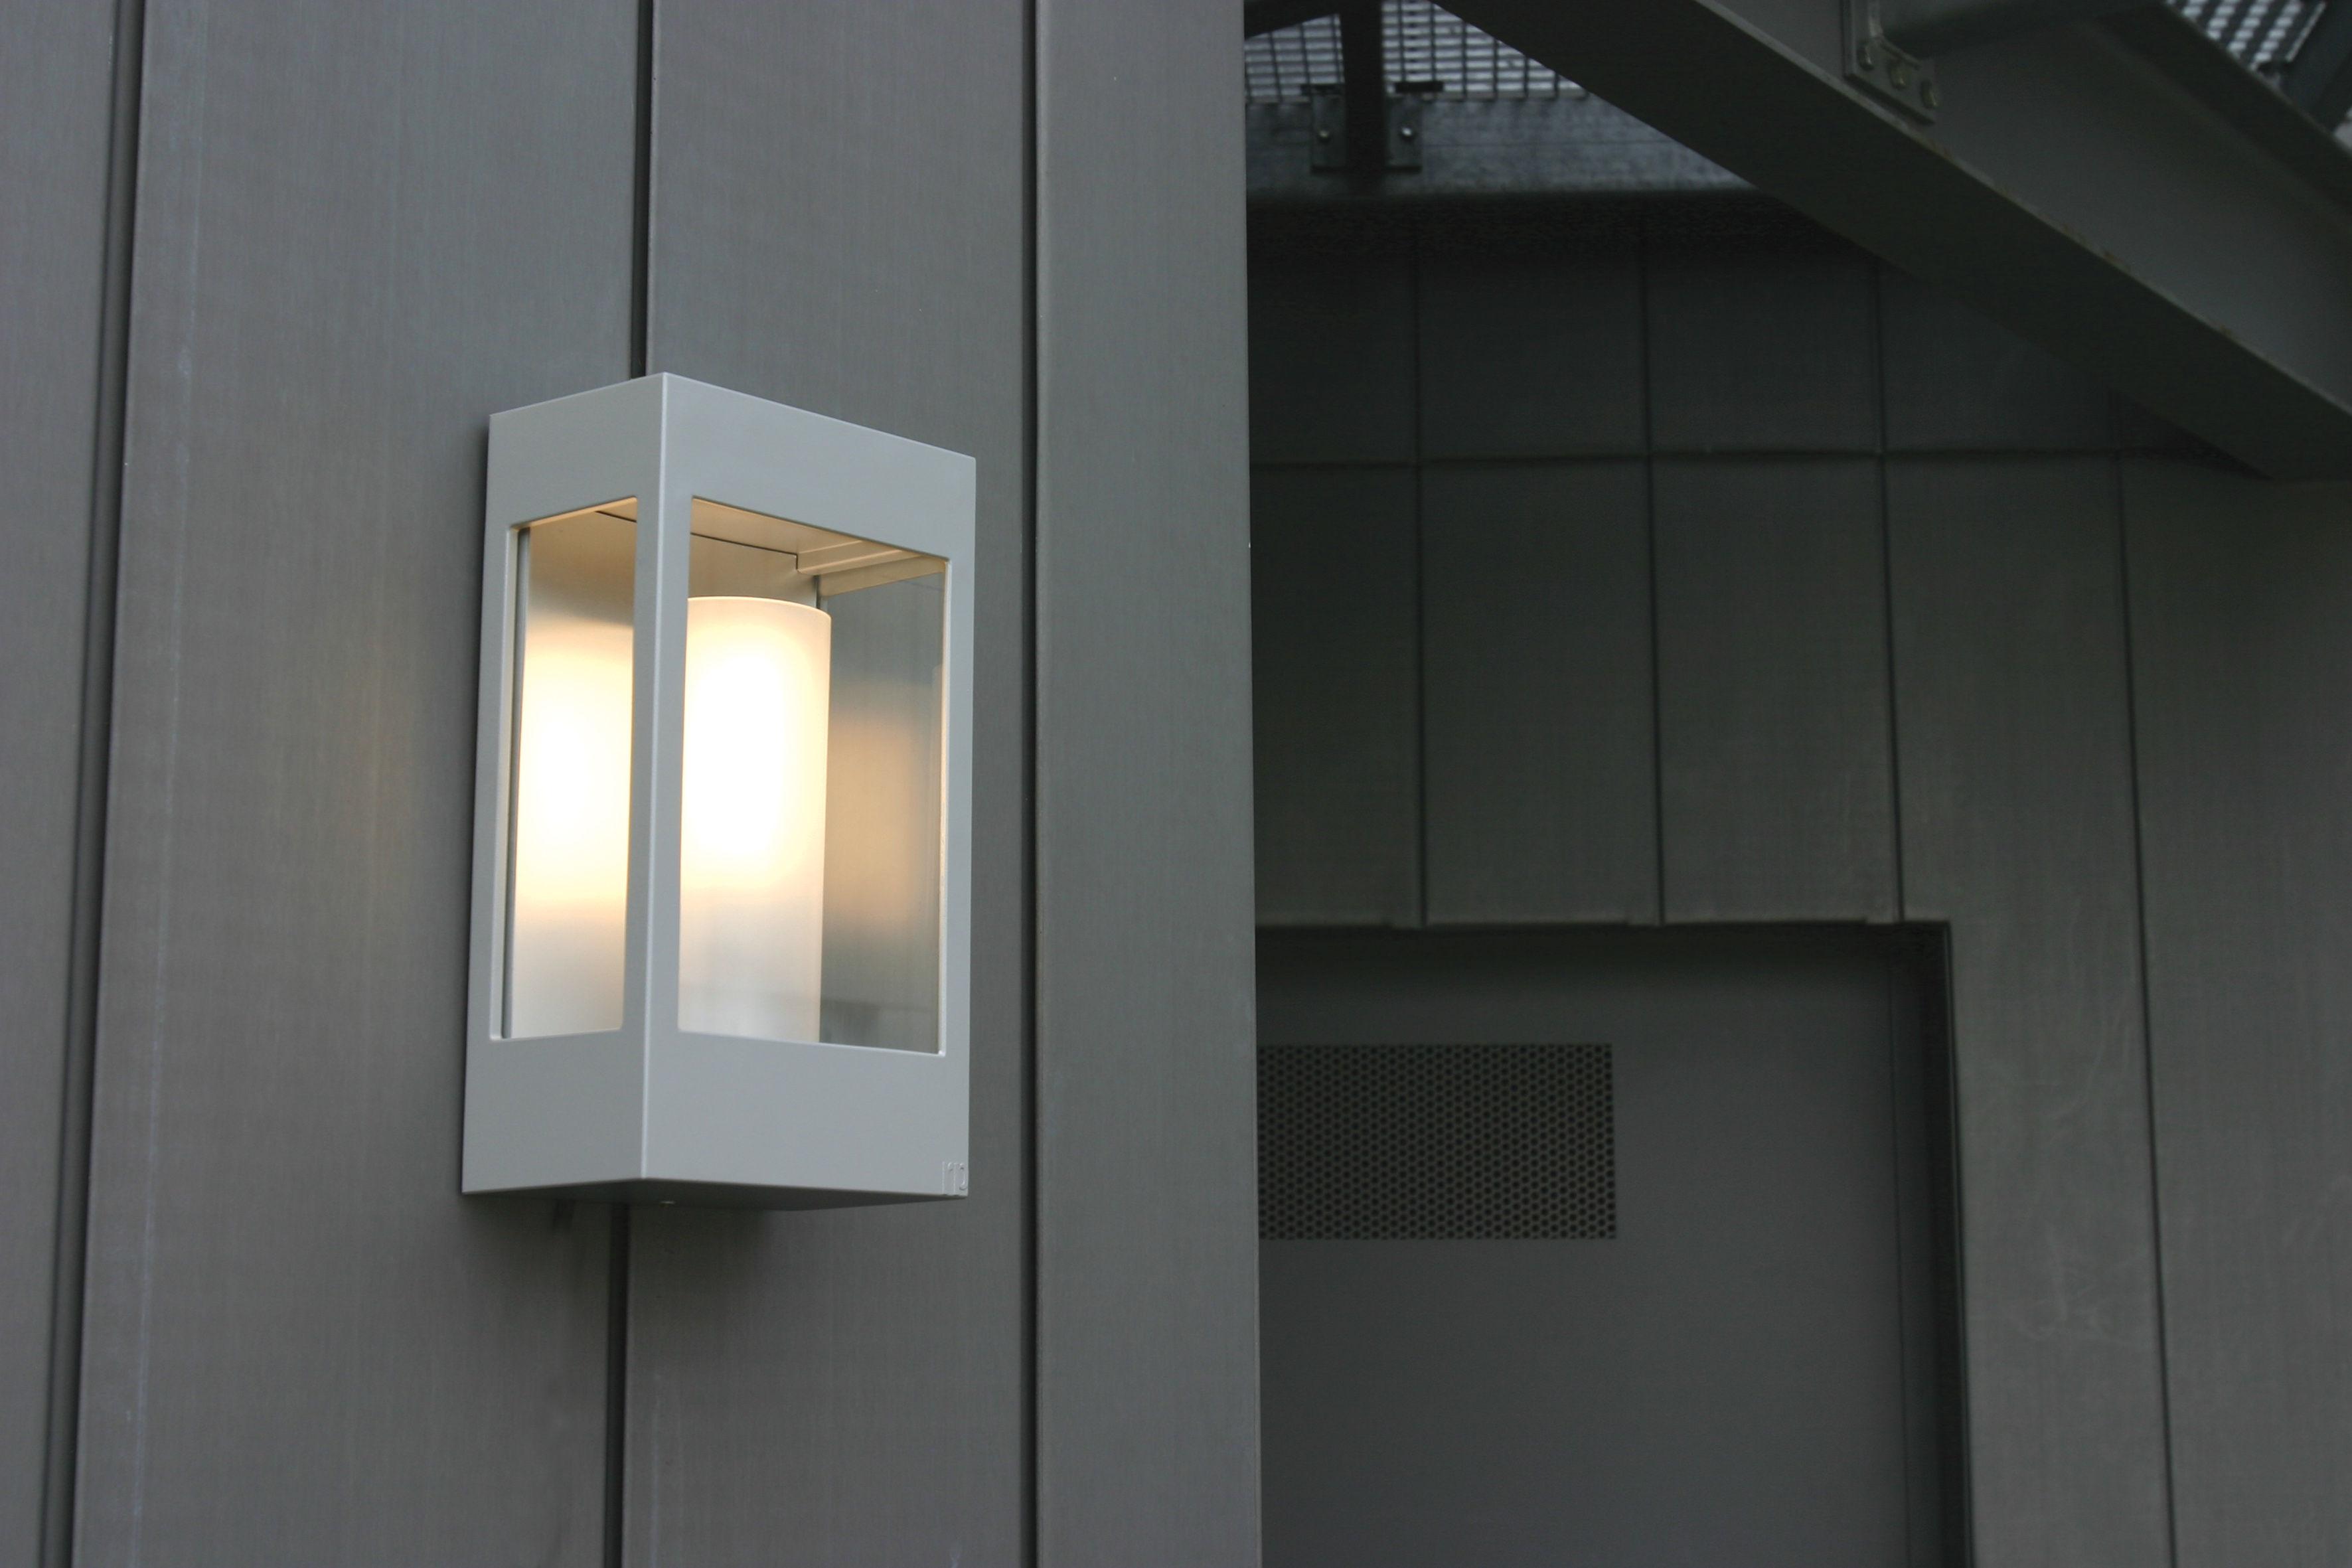 Luminaire roger pradier